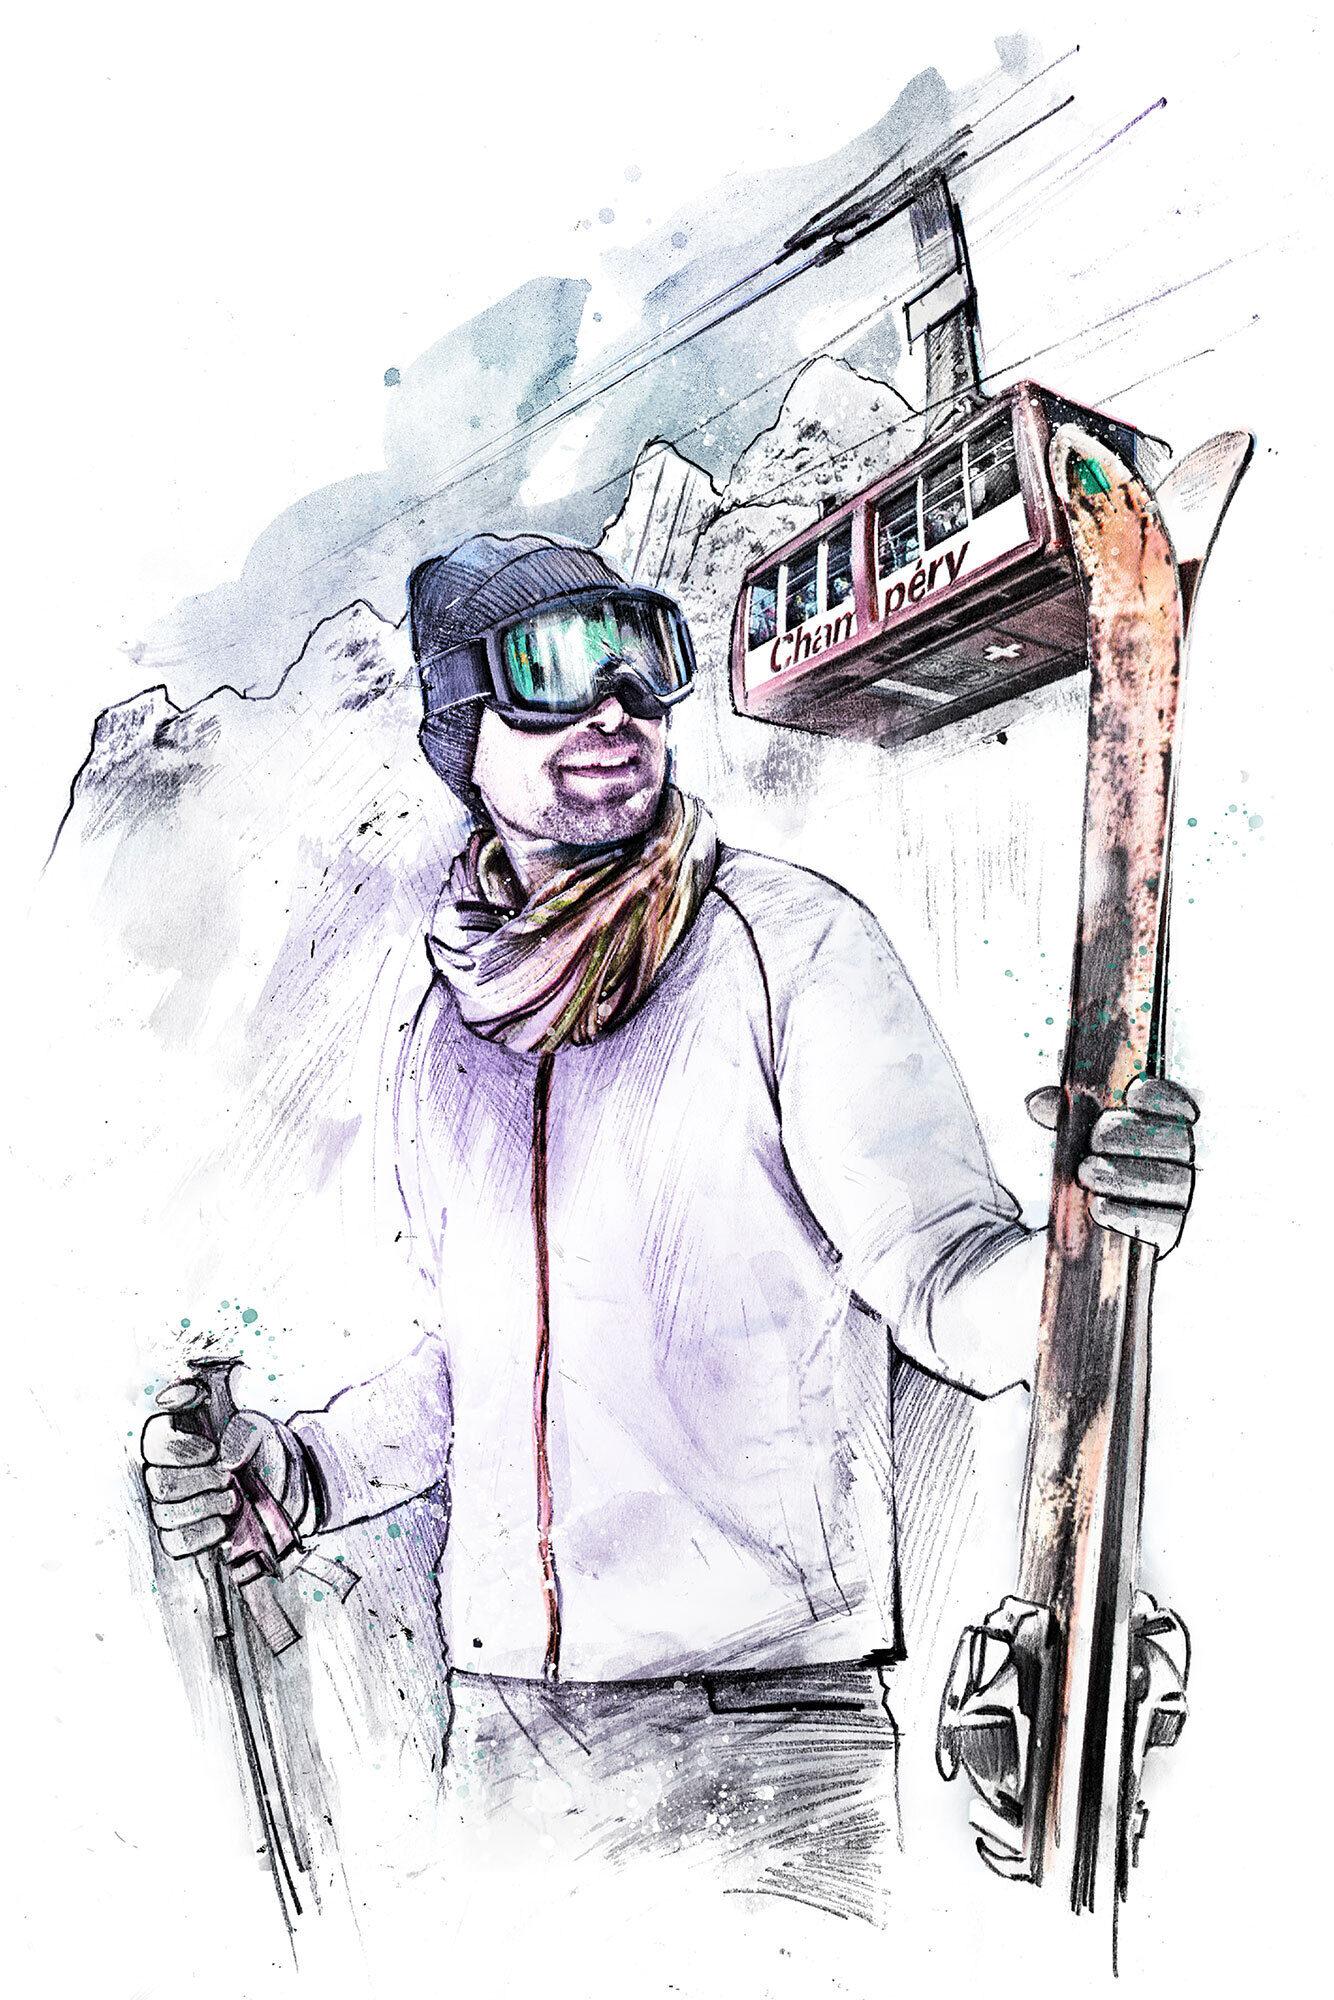 Champery - Kornel Illustration | Kornel Stadler portfolio